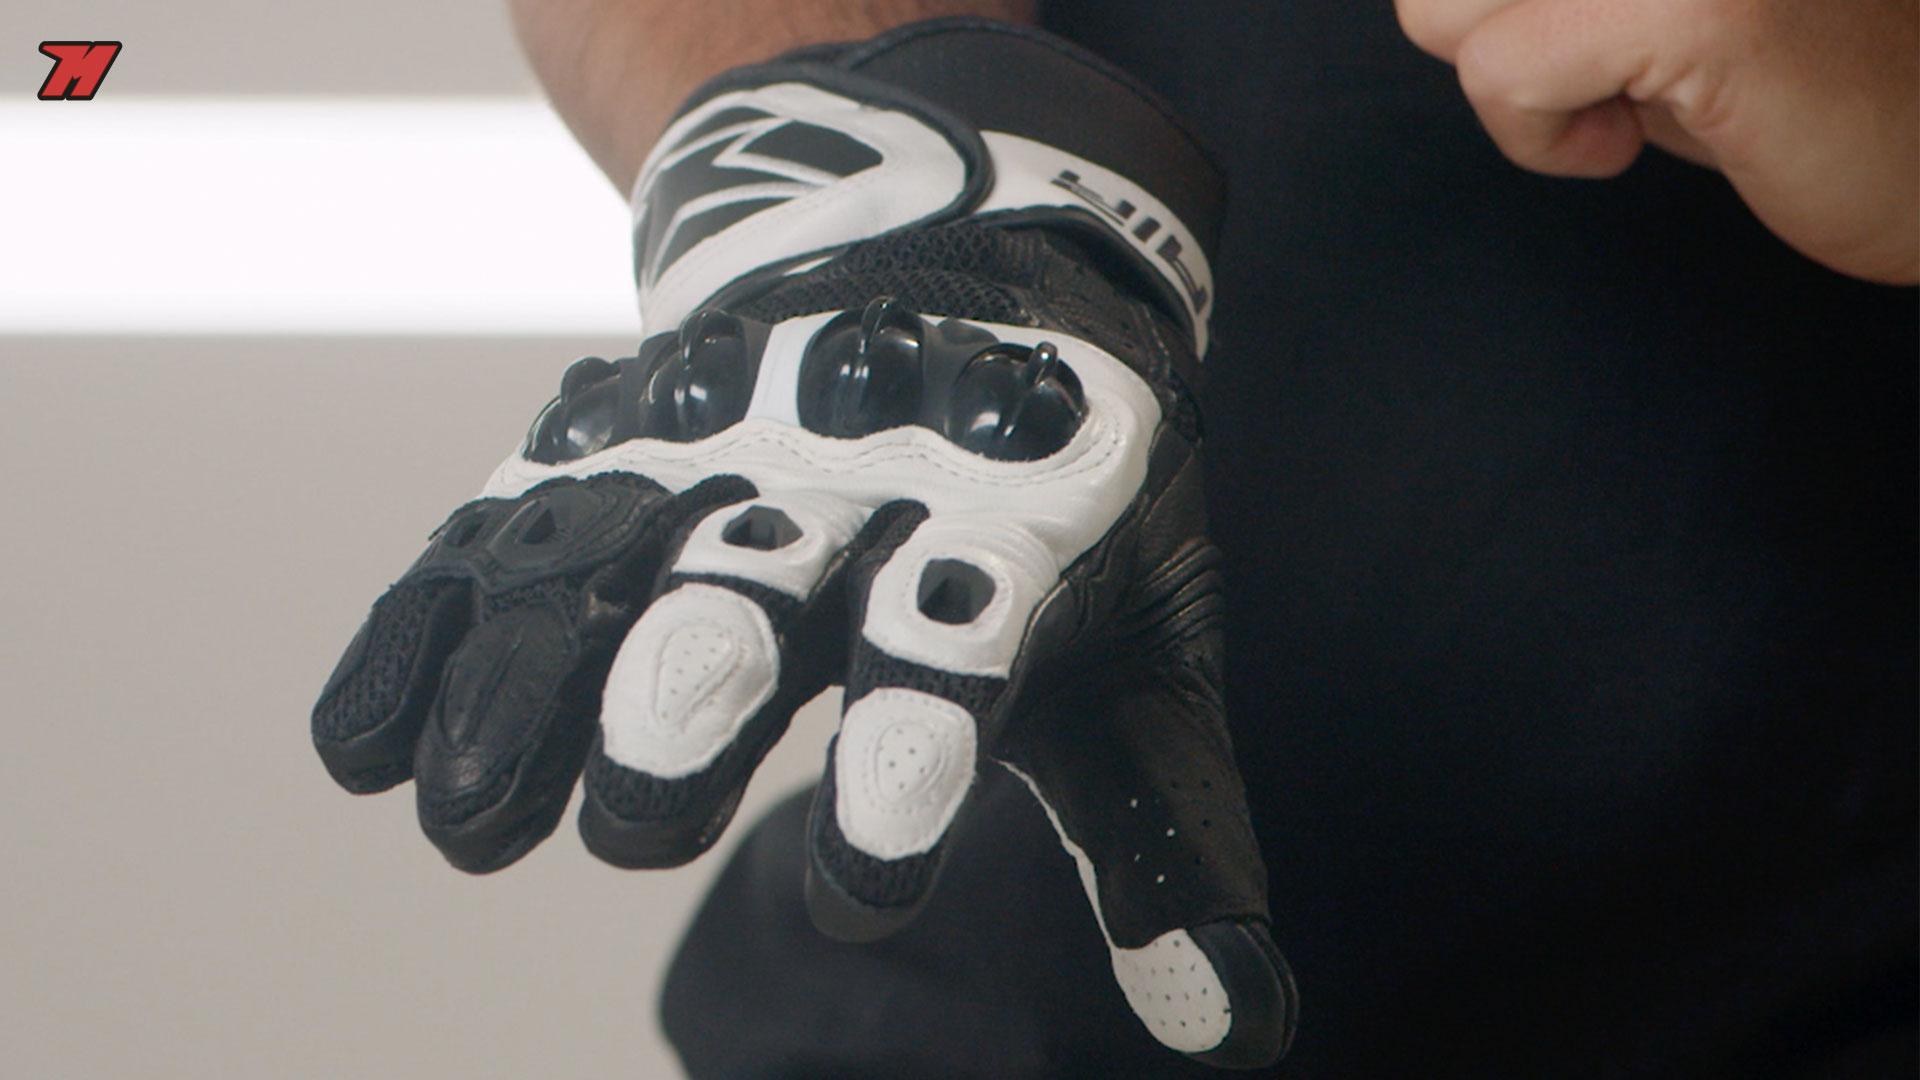 Los guantes Alpinestars Sp Air tienen un corte muy deportivo.